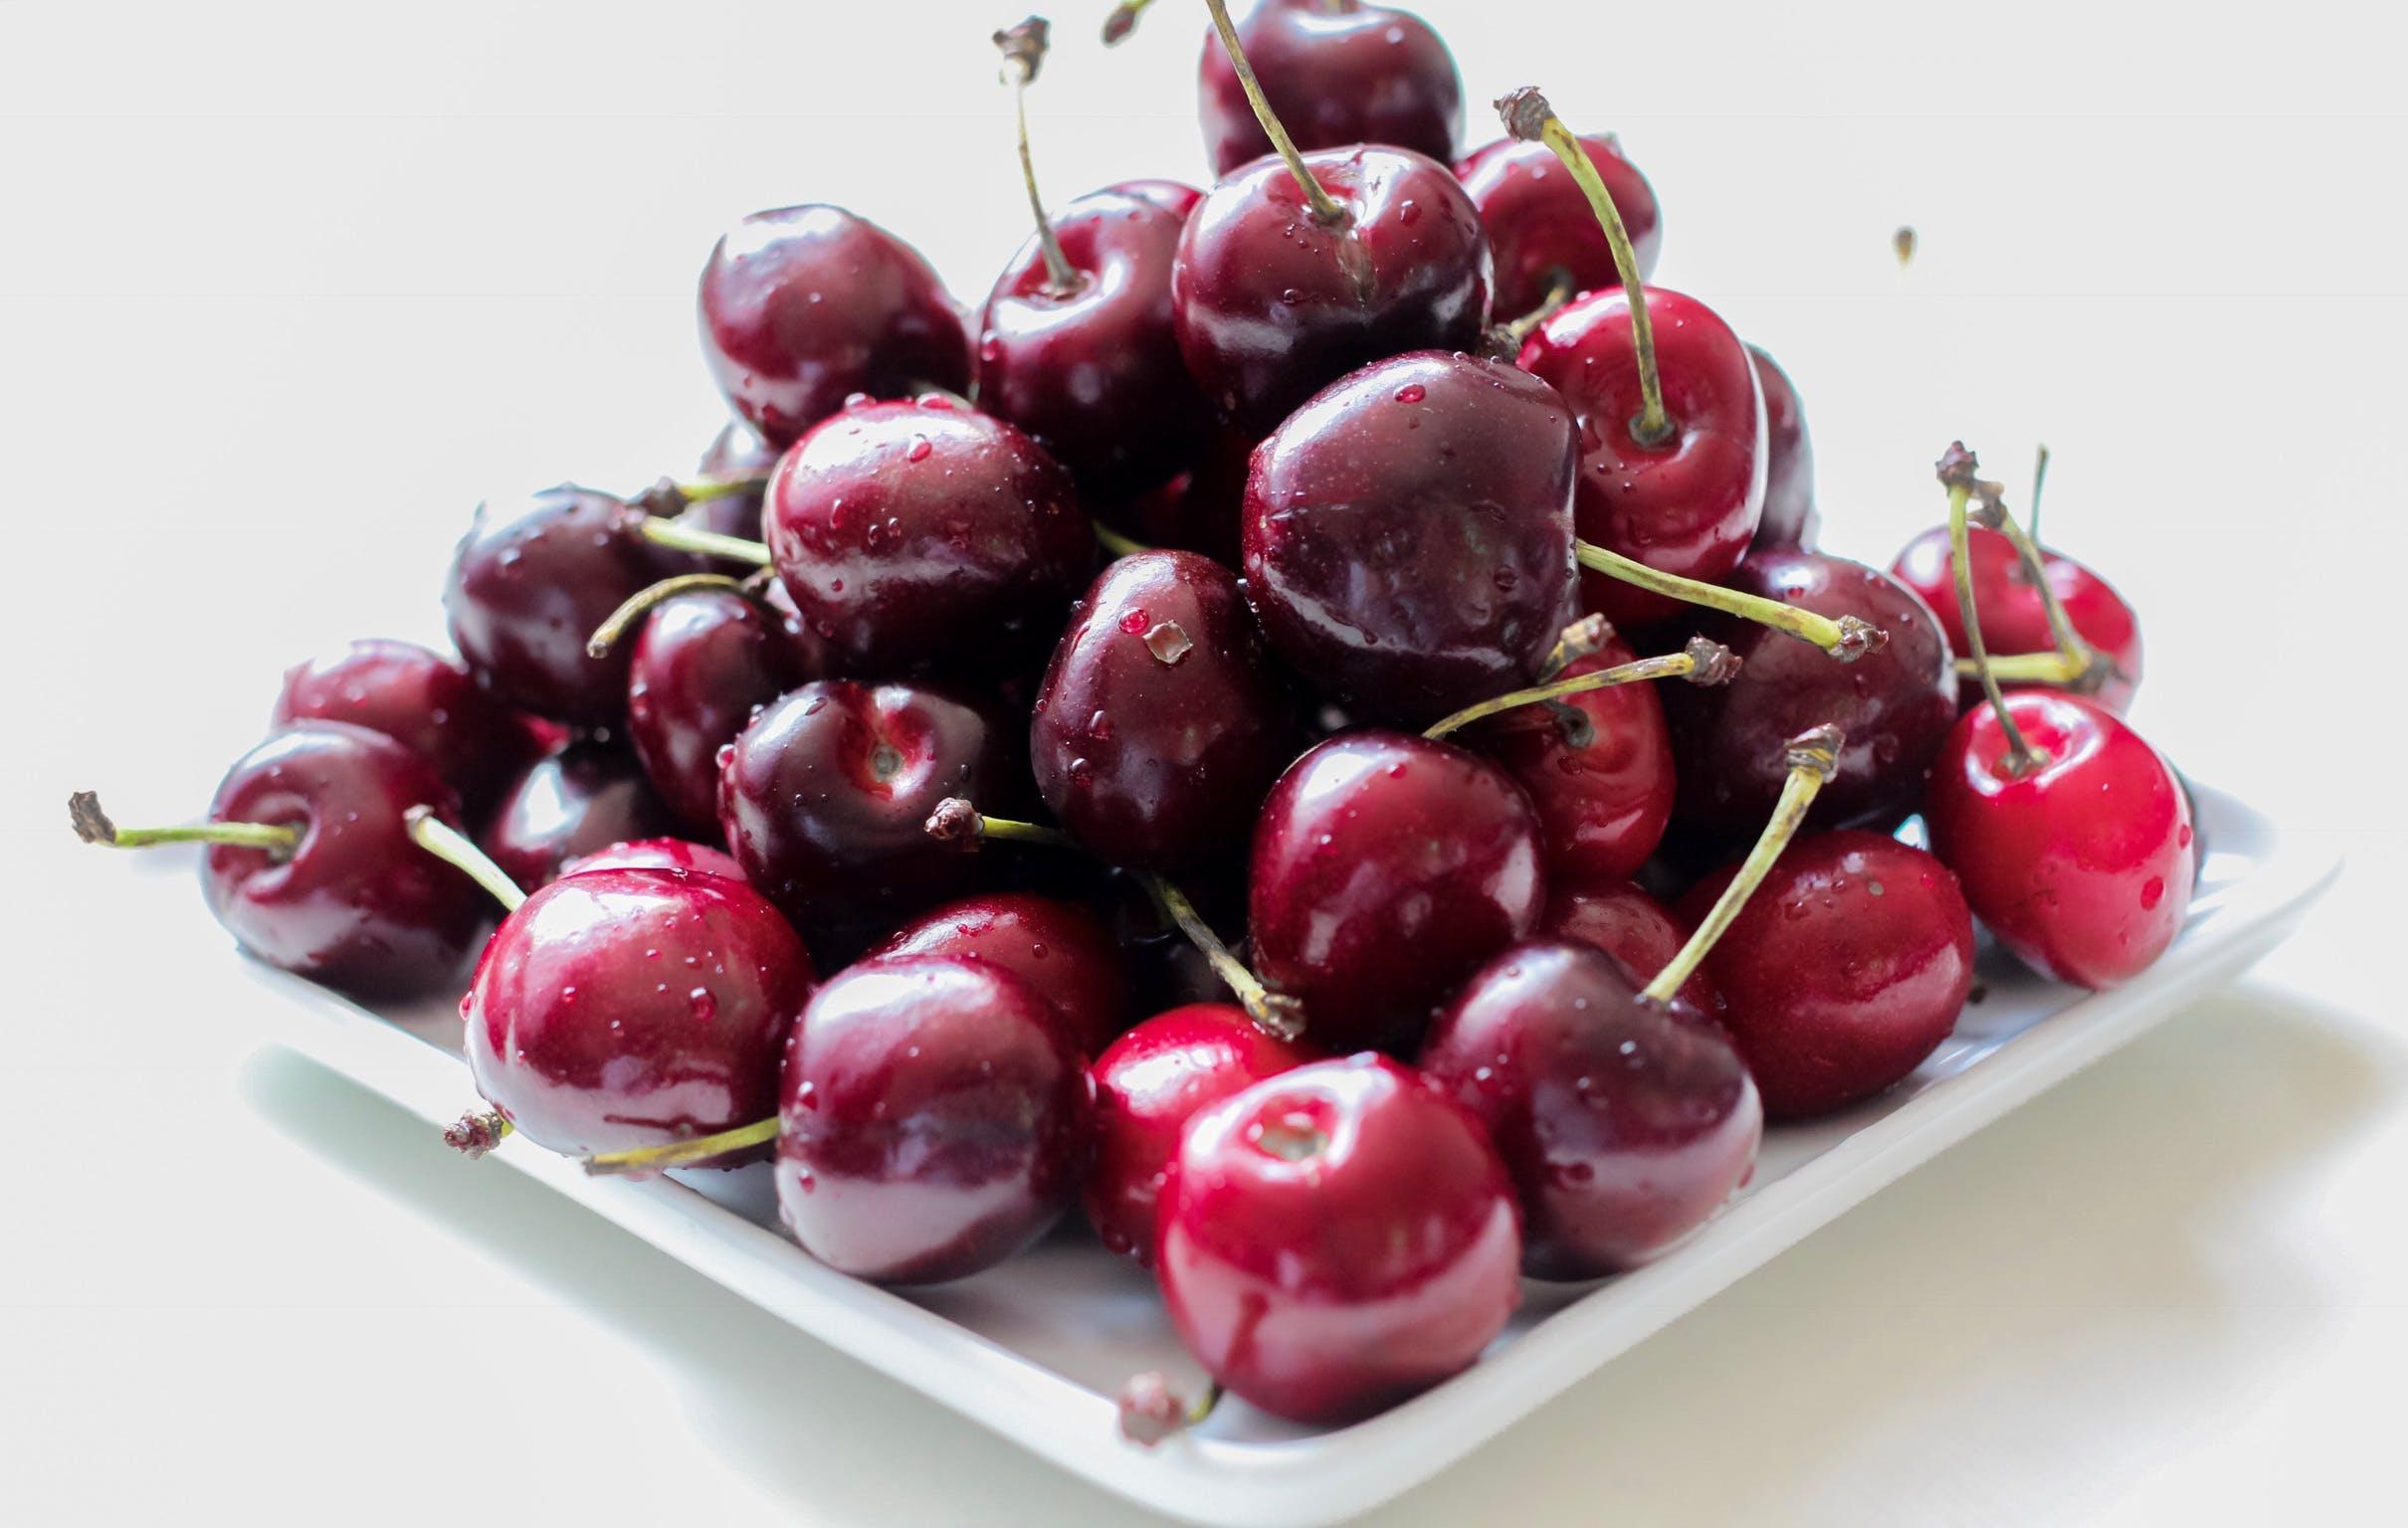 Fotos de stock gratuitas de cereza dulce, cerezas, chucherías, colores